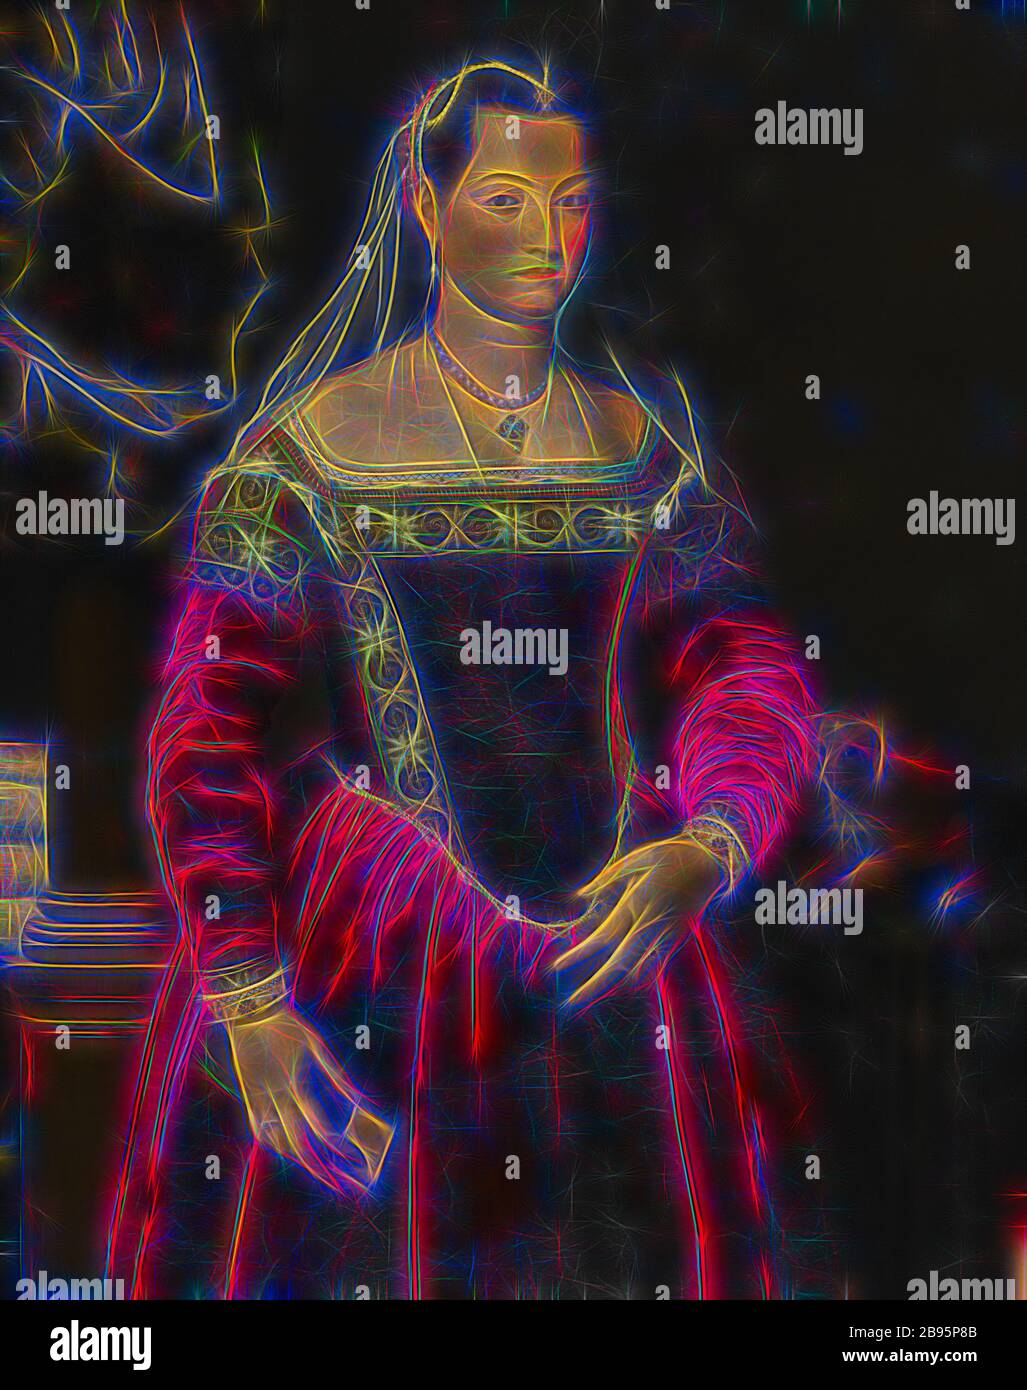 Portrait d'une Dame, Jacopo Zucchi (italien, 1540-1596), sortie 1560, huile sur toile, 48 x 37-3/4 po. (toile) environ 63-1/2 x 54-1/4 x 4-1/2 in. (Encadré), peinture et sculpture européenne avant 1800, repensée par Gibon, design de gaie chaleureuse de luminosité et de rayons de lumière radiance. L'art classique réinventé avec une touche moderne. La photographie inspirée du futurisme, qui embrasse l'énergie dynamique de la technologie moderne, du mouvement, de la vitesse et révolutionne la culture. Banque D'Images